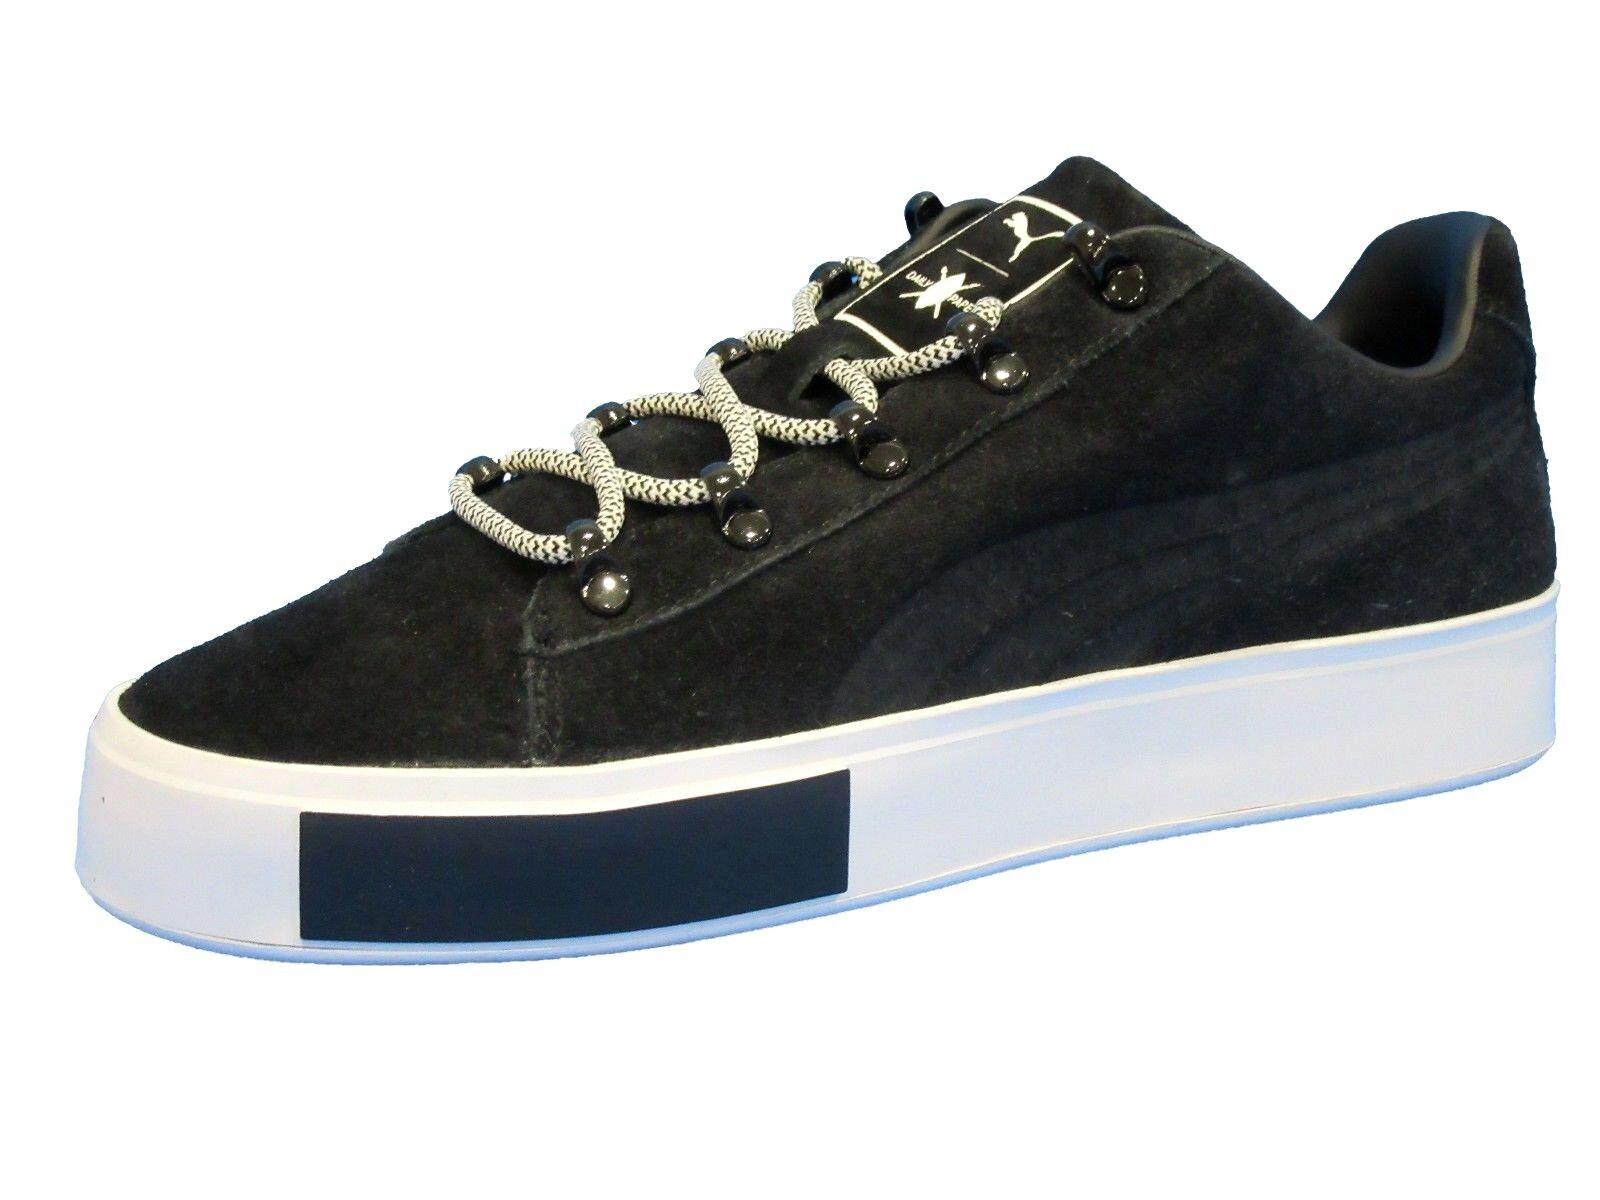 Puma Hombre puma X dp Tribunal plataforma s puma calzado negro deportivo negro calzado venta de liquidacion de temporada ea3d7f